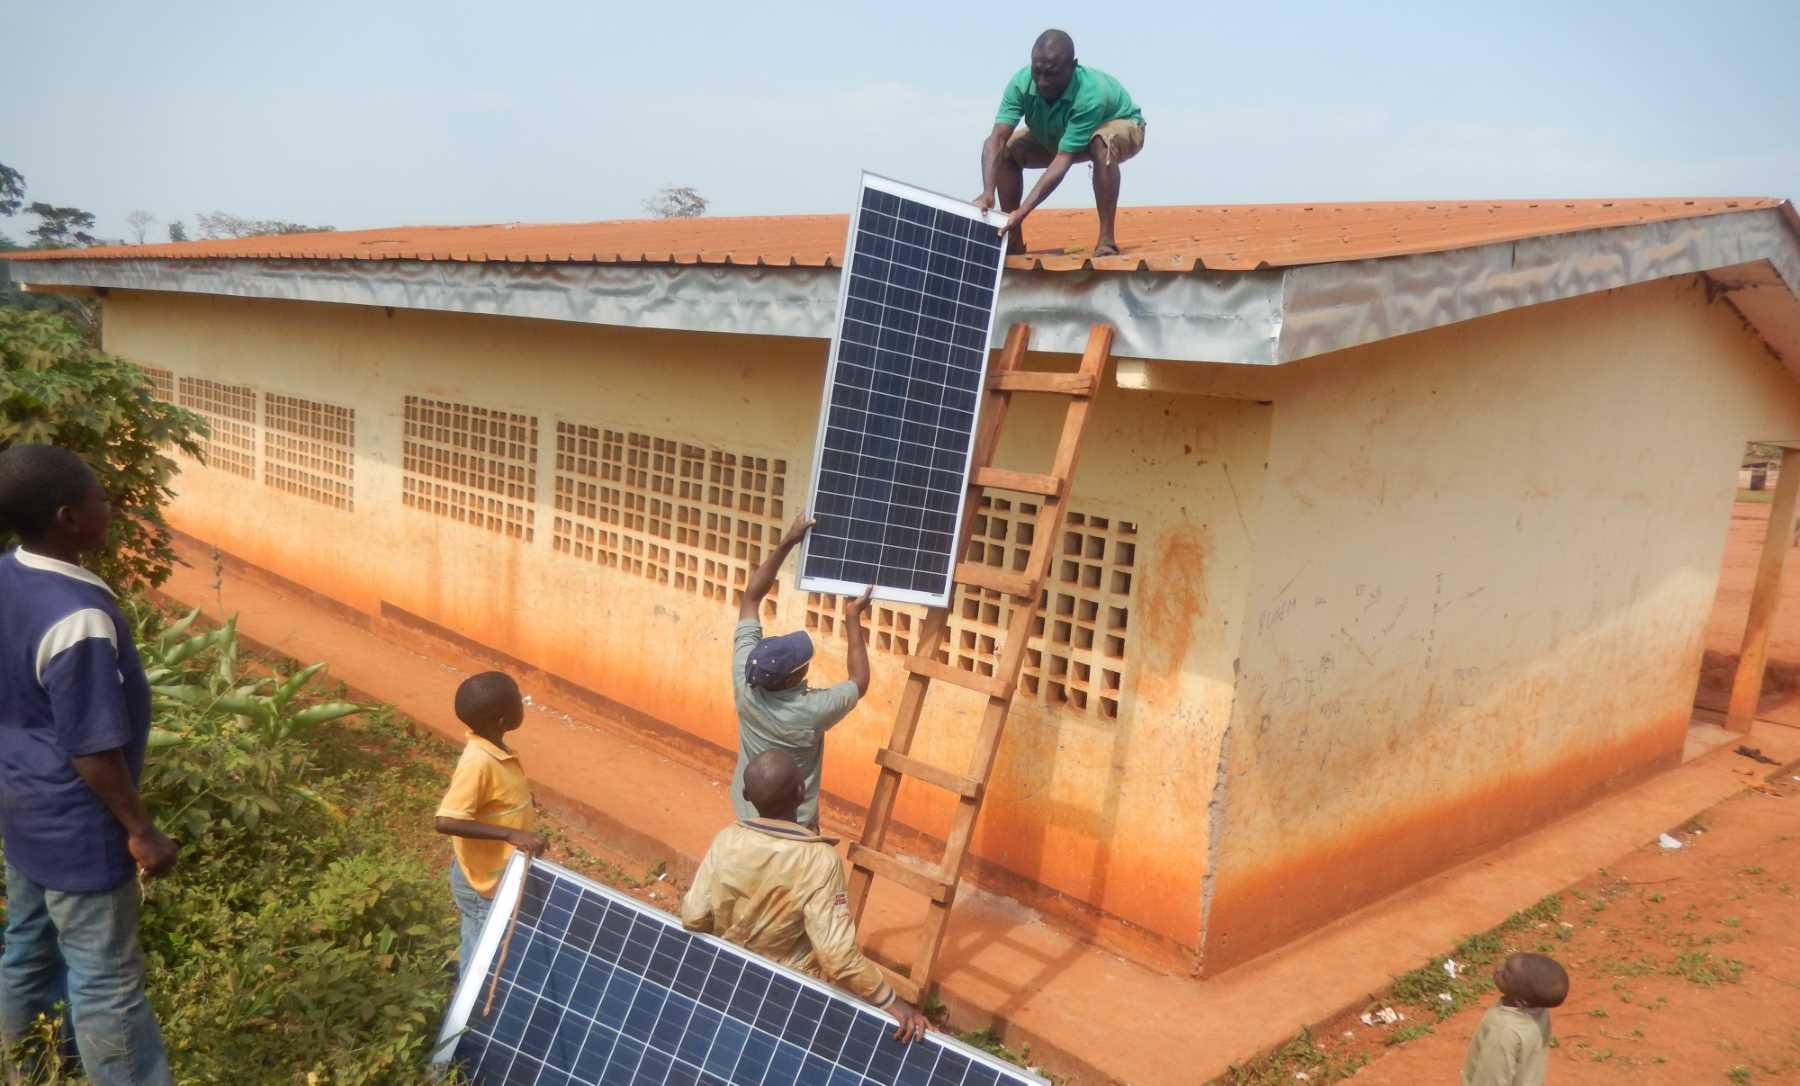 Gracias a los consumidores de EKOenergía seguimos mejorando vidas